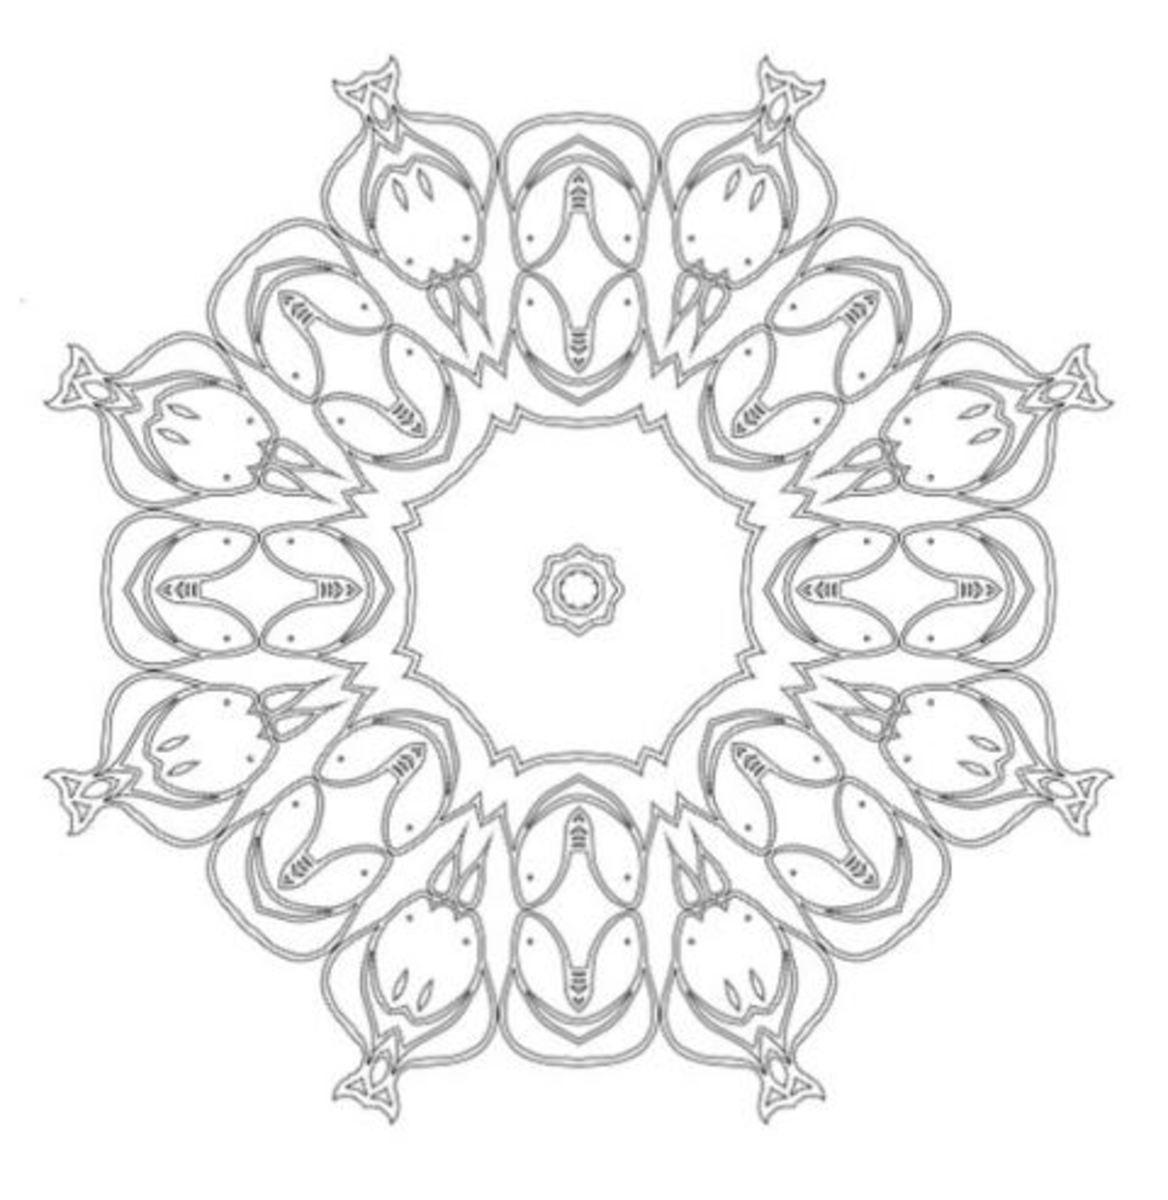 Lotus mandala design abstract coloring sheet